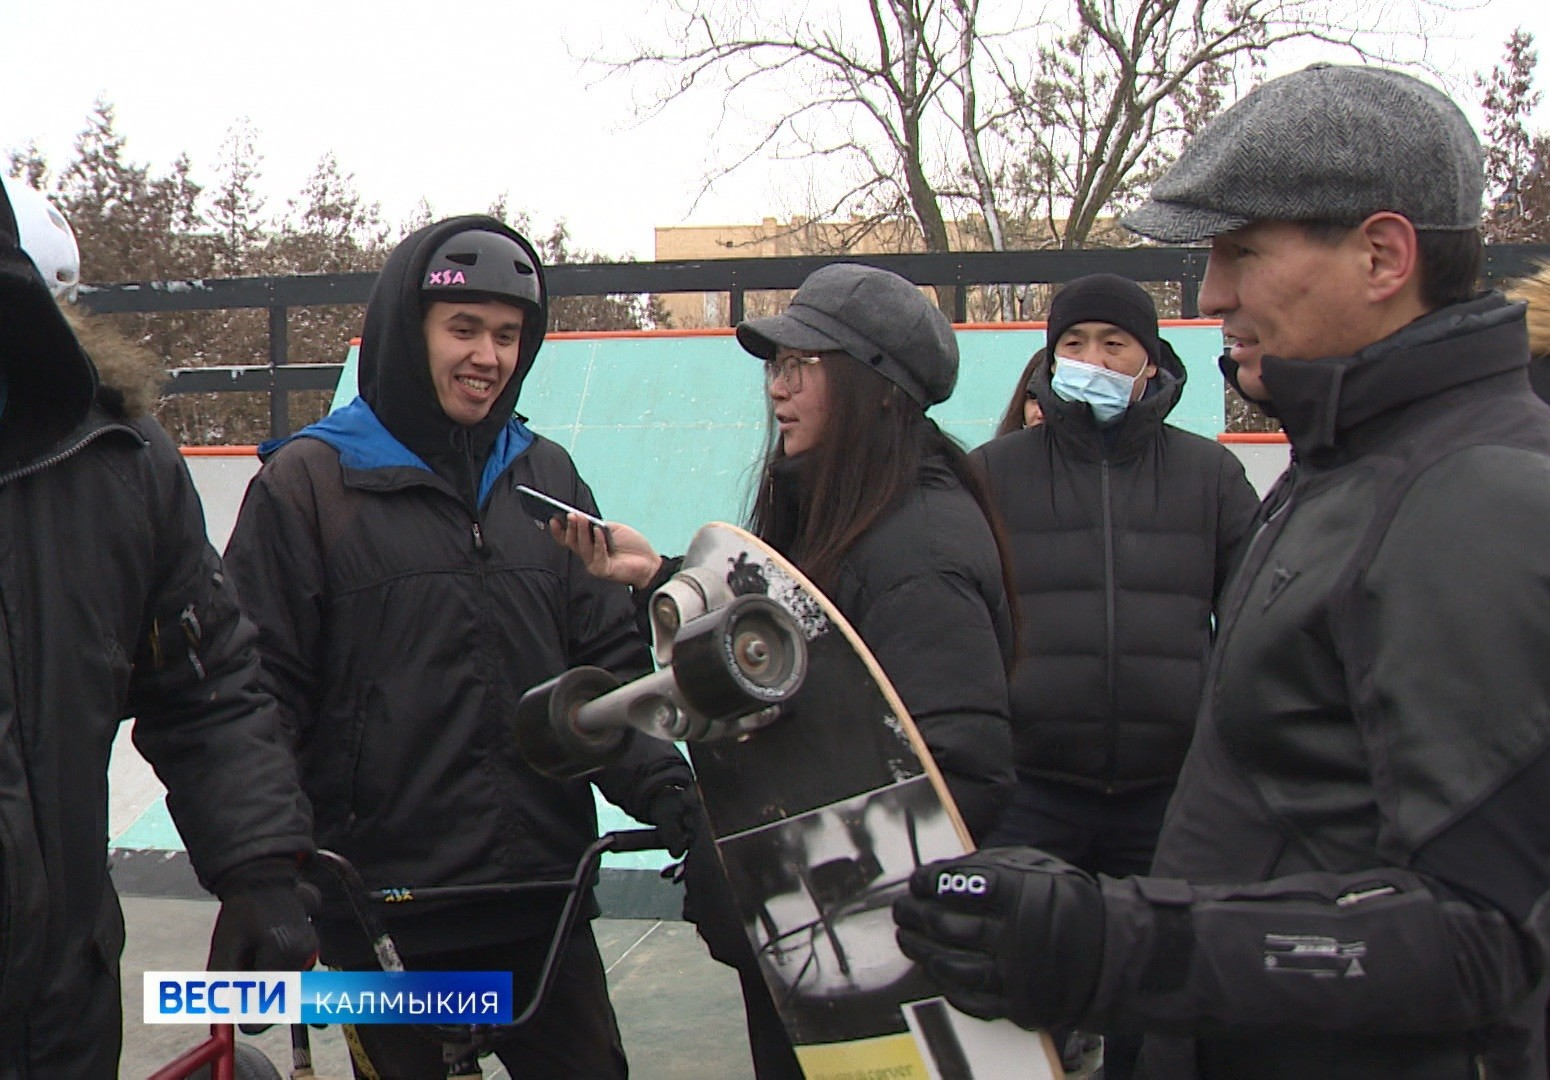 Первый скейт-парк международного уровня открылся сегодня в Элисте